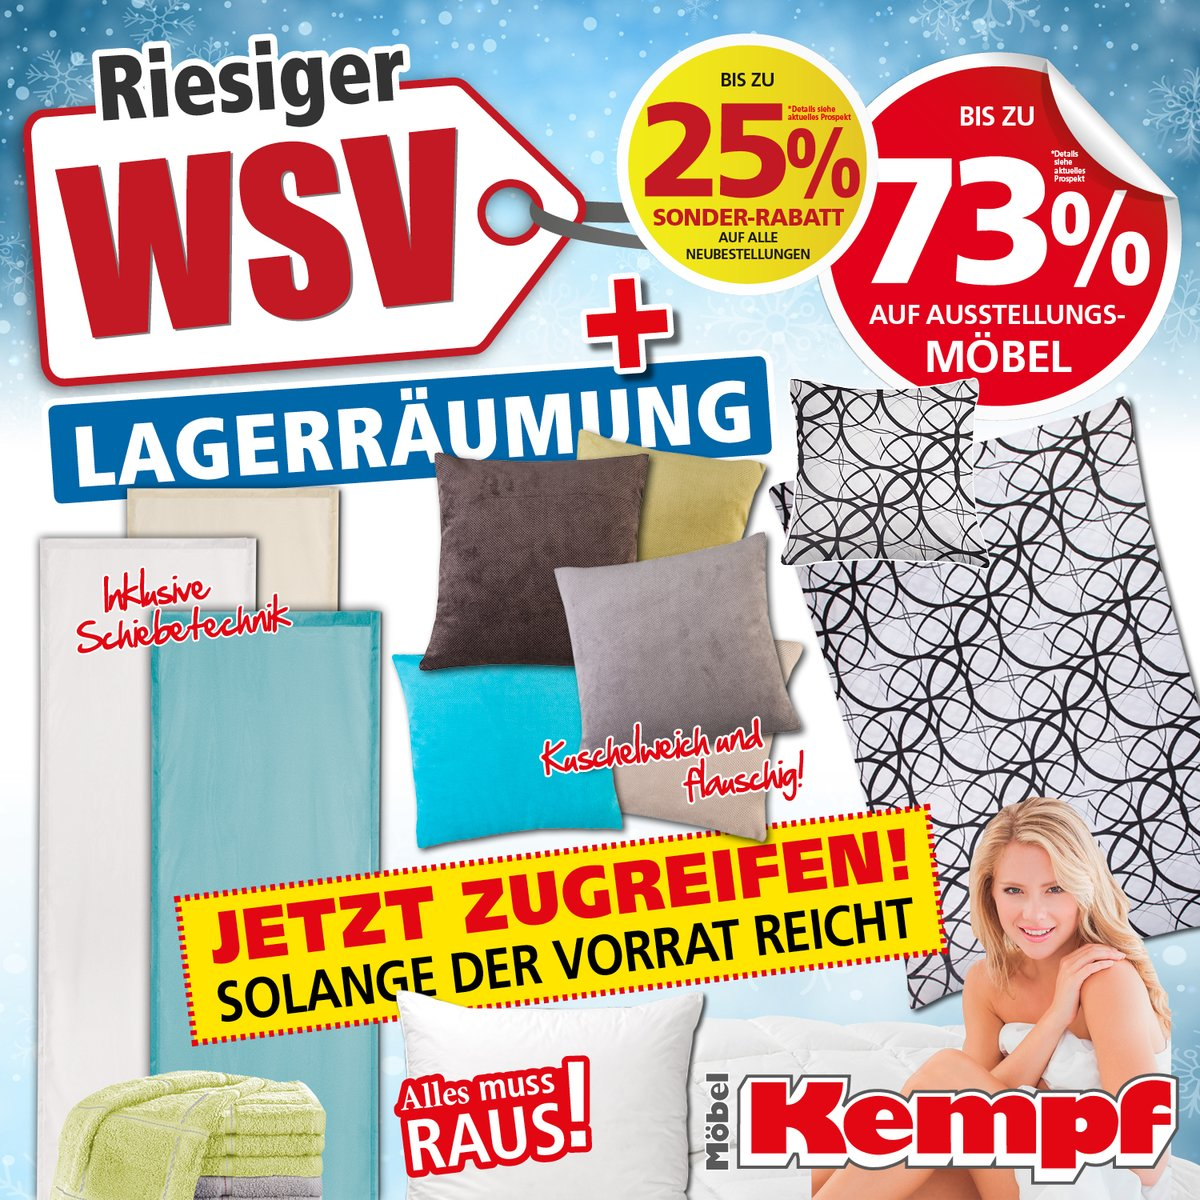 Riesiger Wsv Und Lagerräumung Bei Möbel Kempf In Aschaffenburg Und